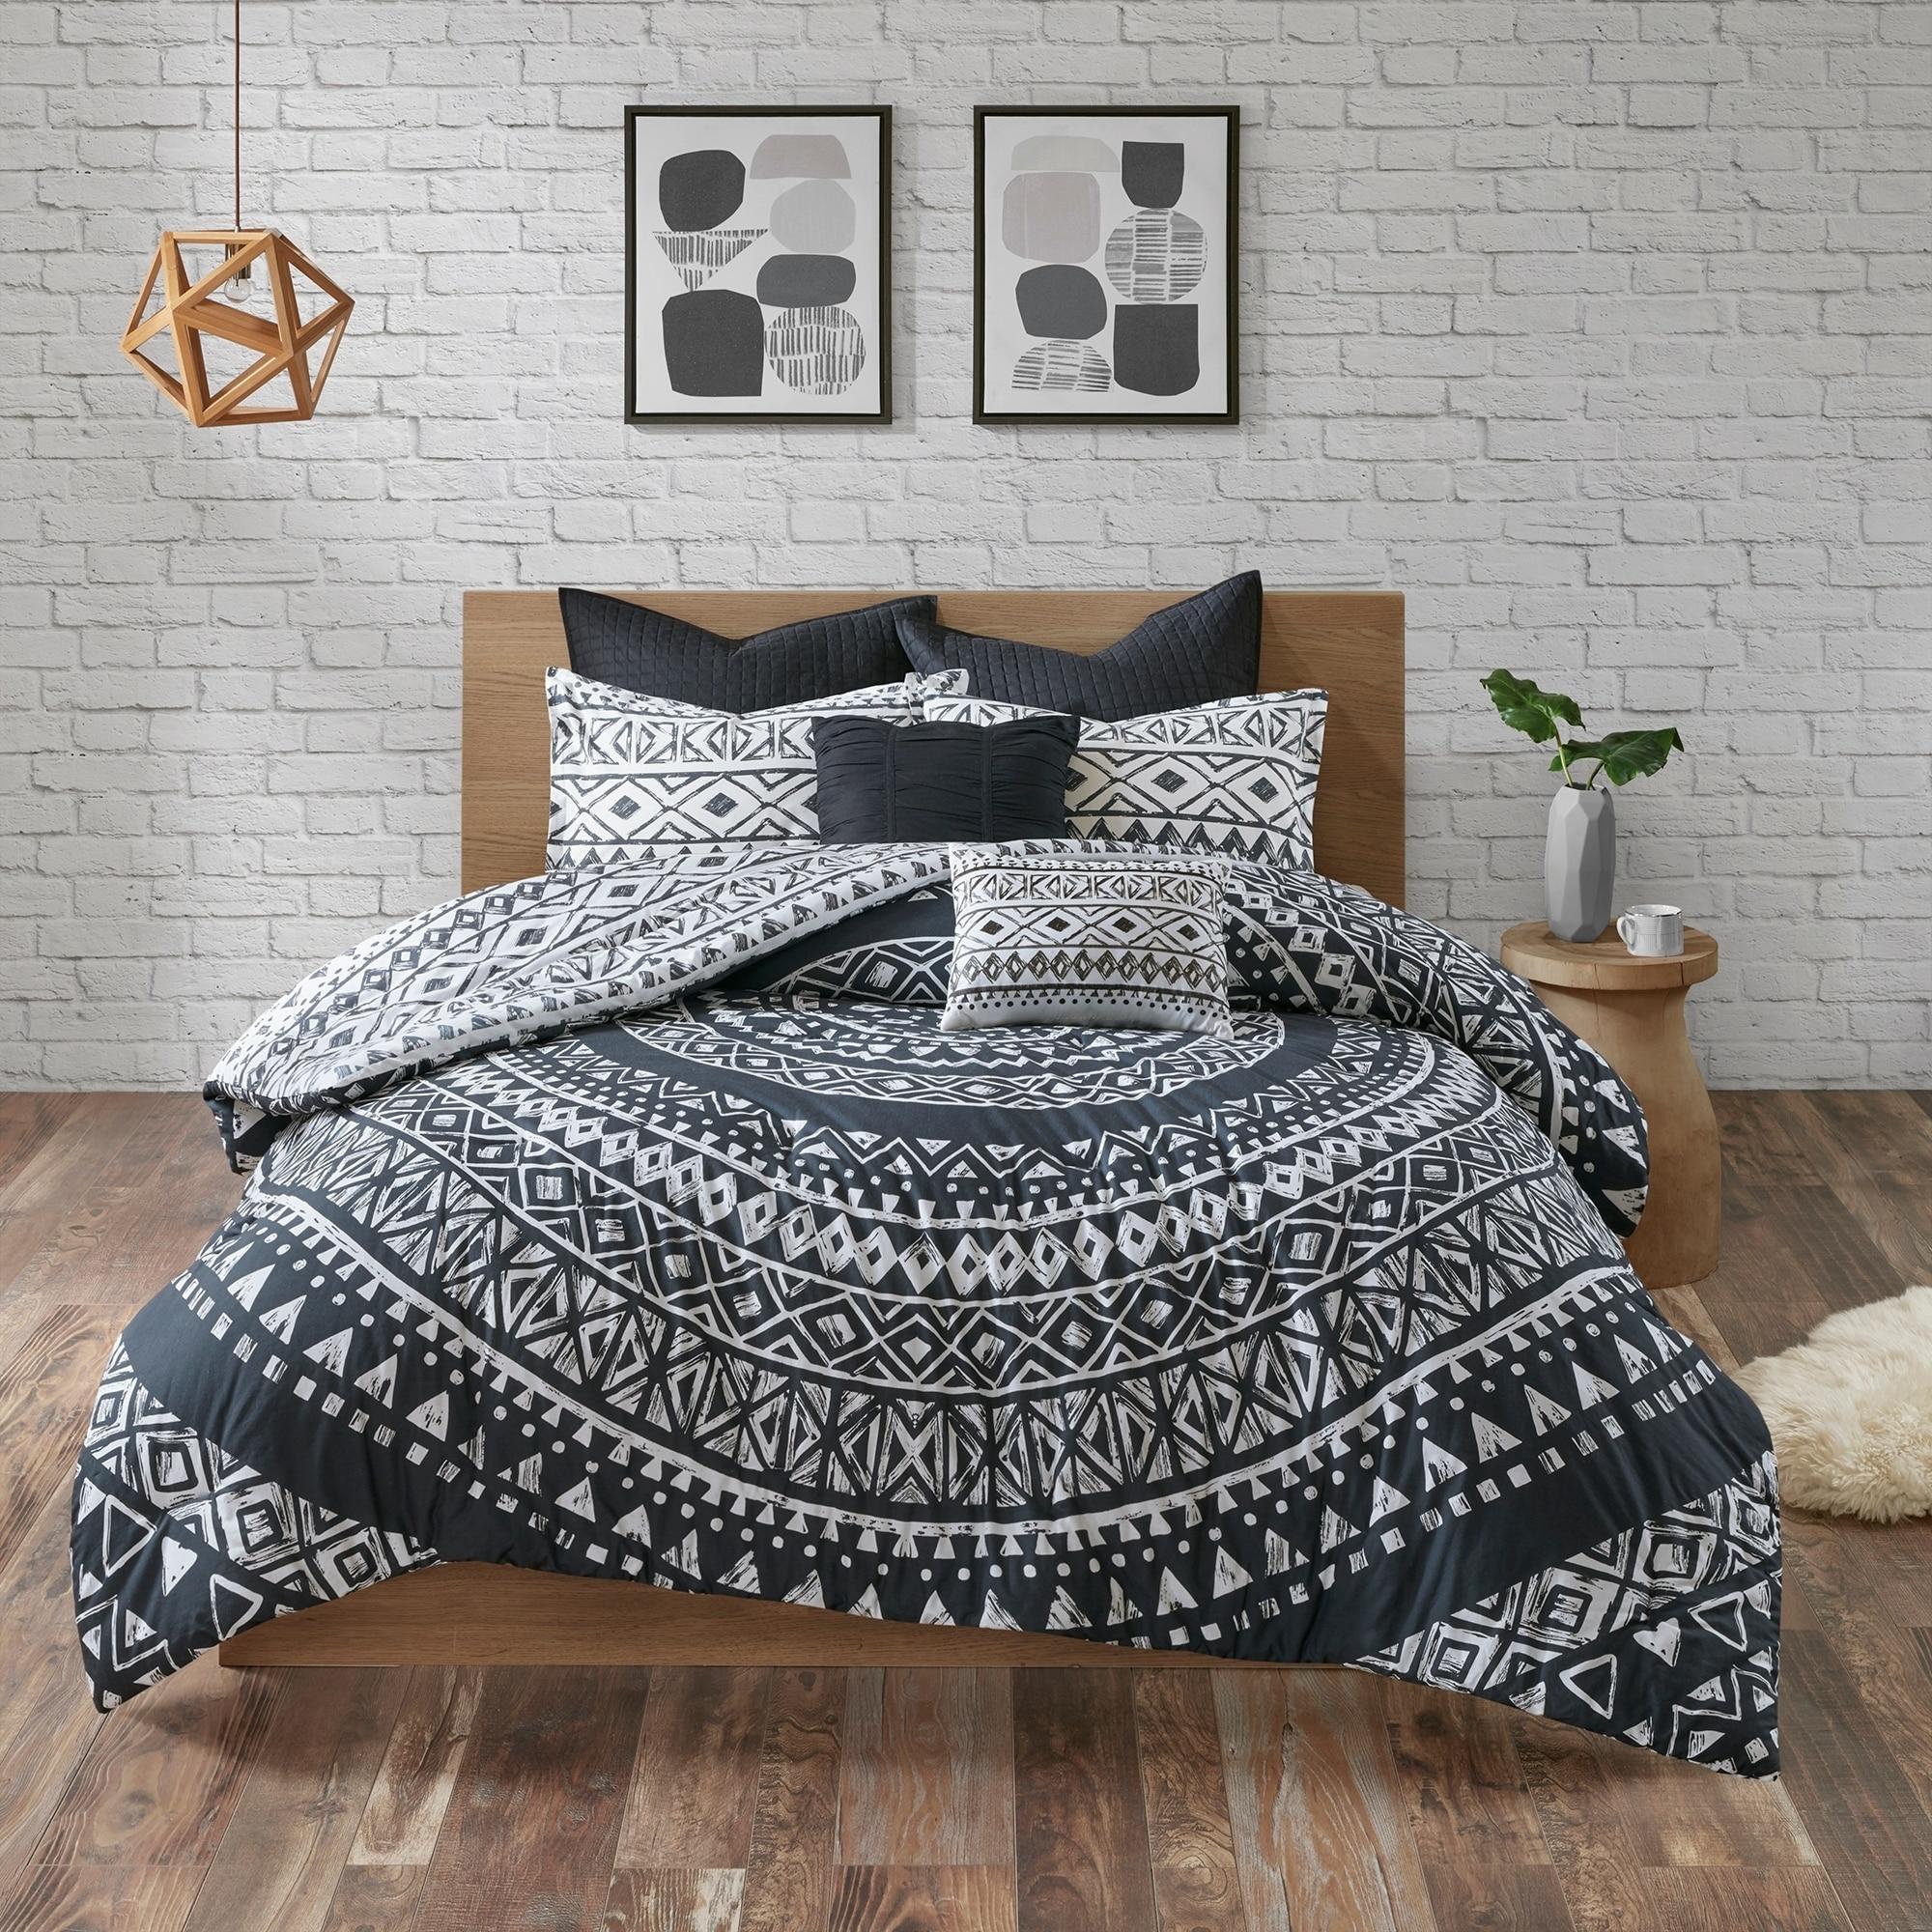 home duvet flannelette dp bedmaker cotton cover double multi uk nordic kitchen co amazon